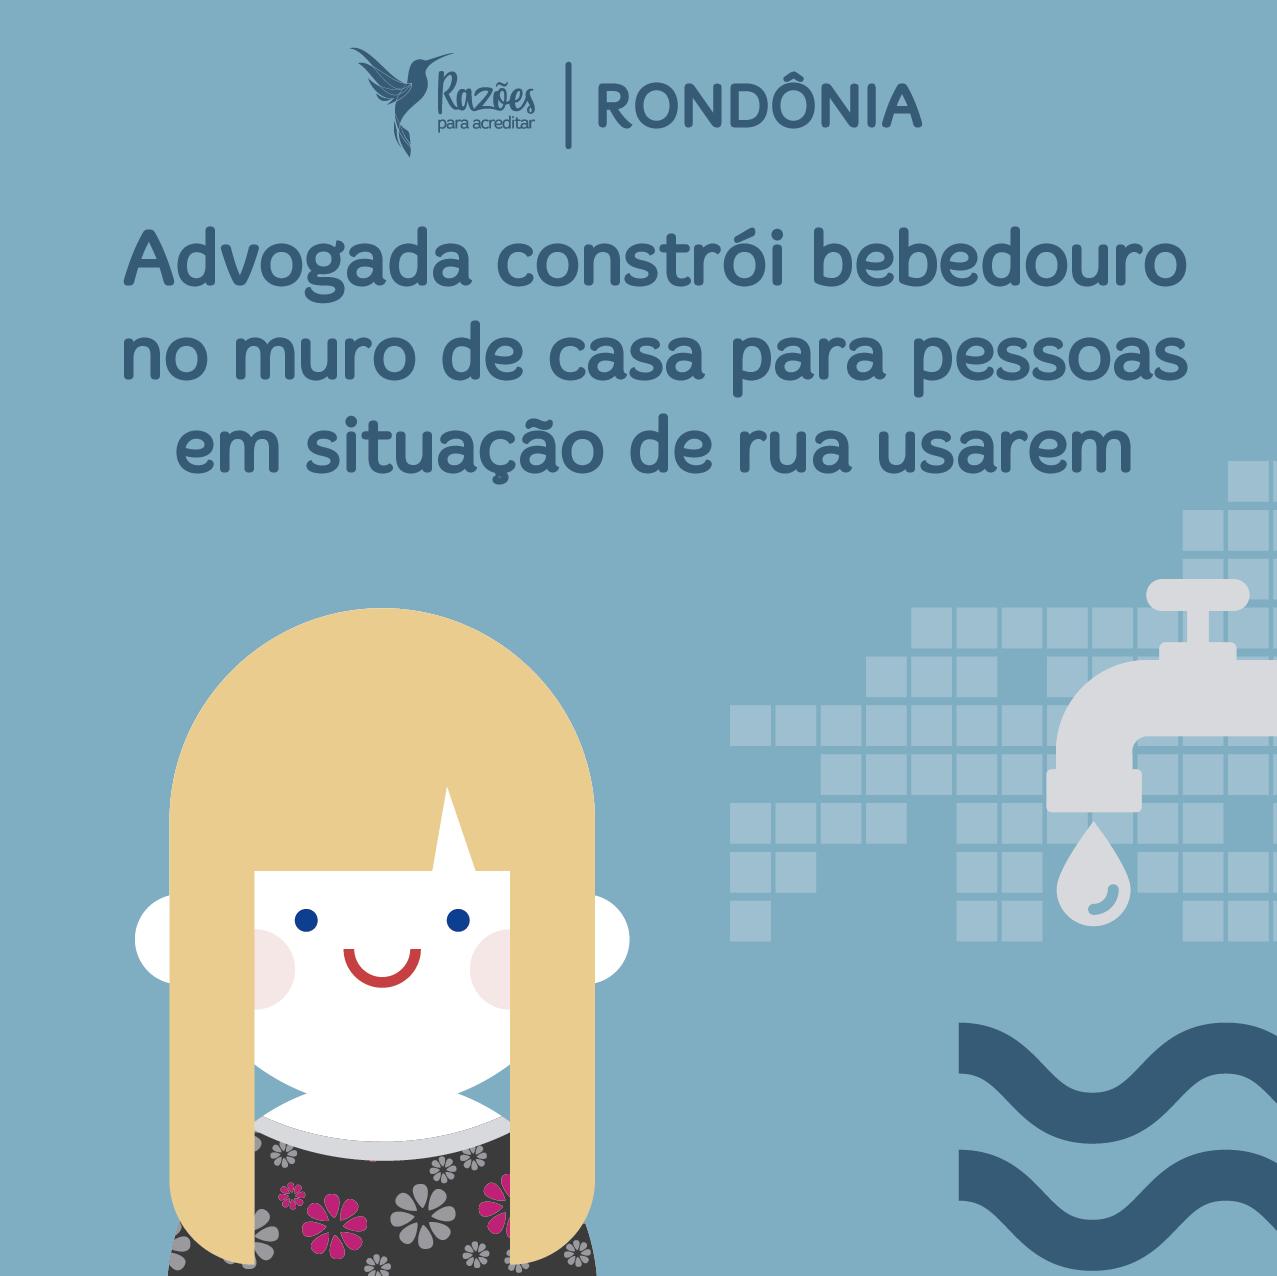 boas notícias ilustrações razões para acreditar Rondônia